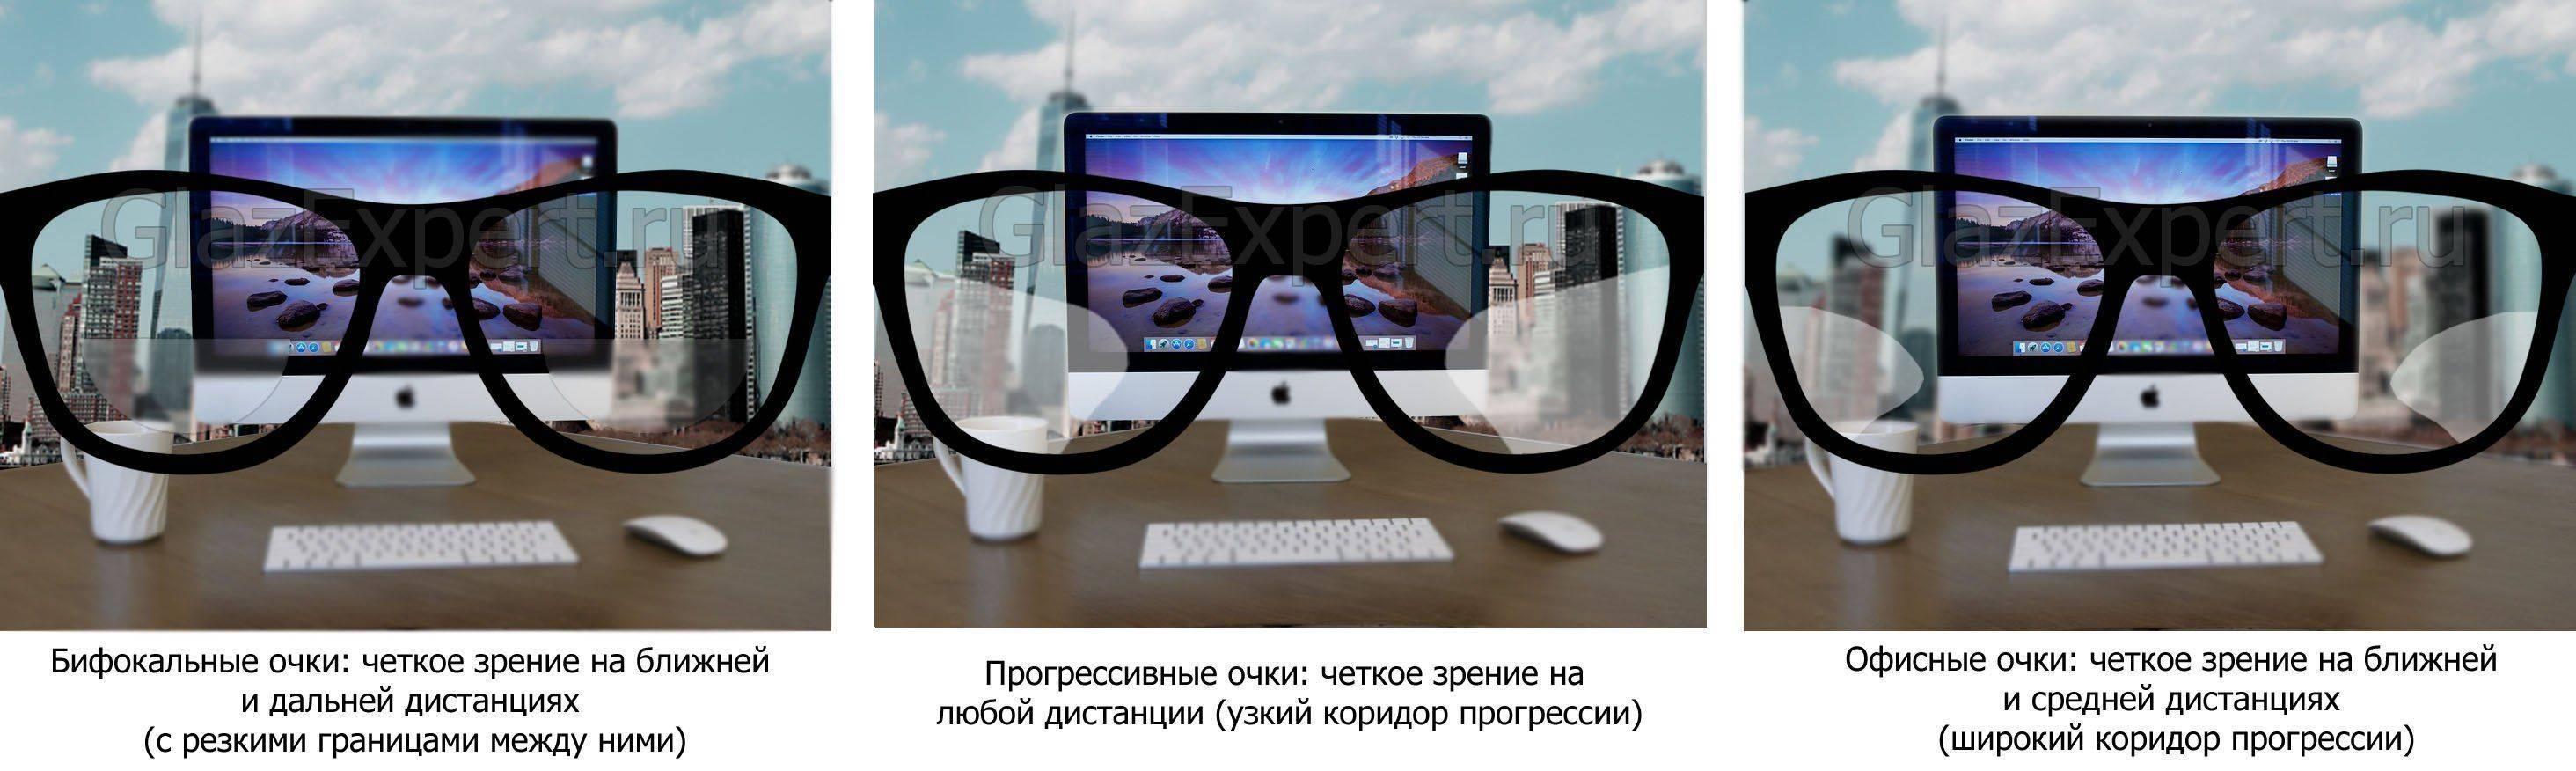 Разница: бифокальные, прогрессивные и офисные очки